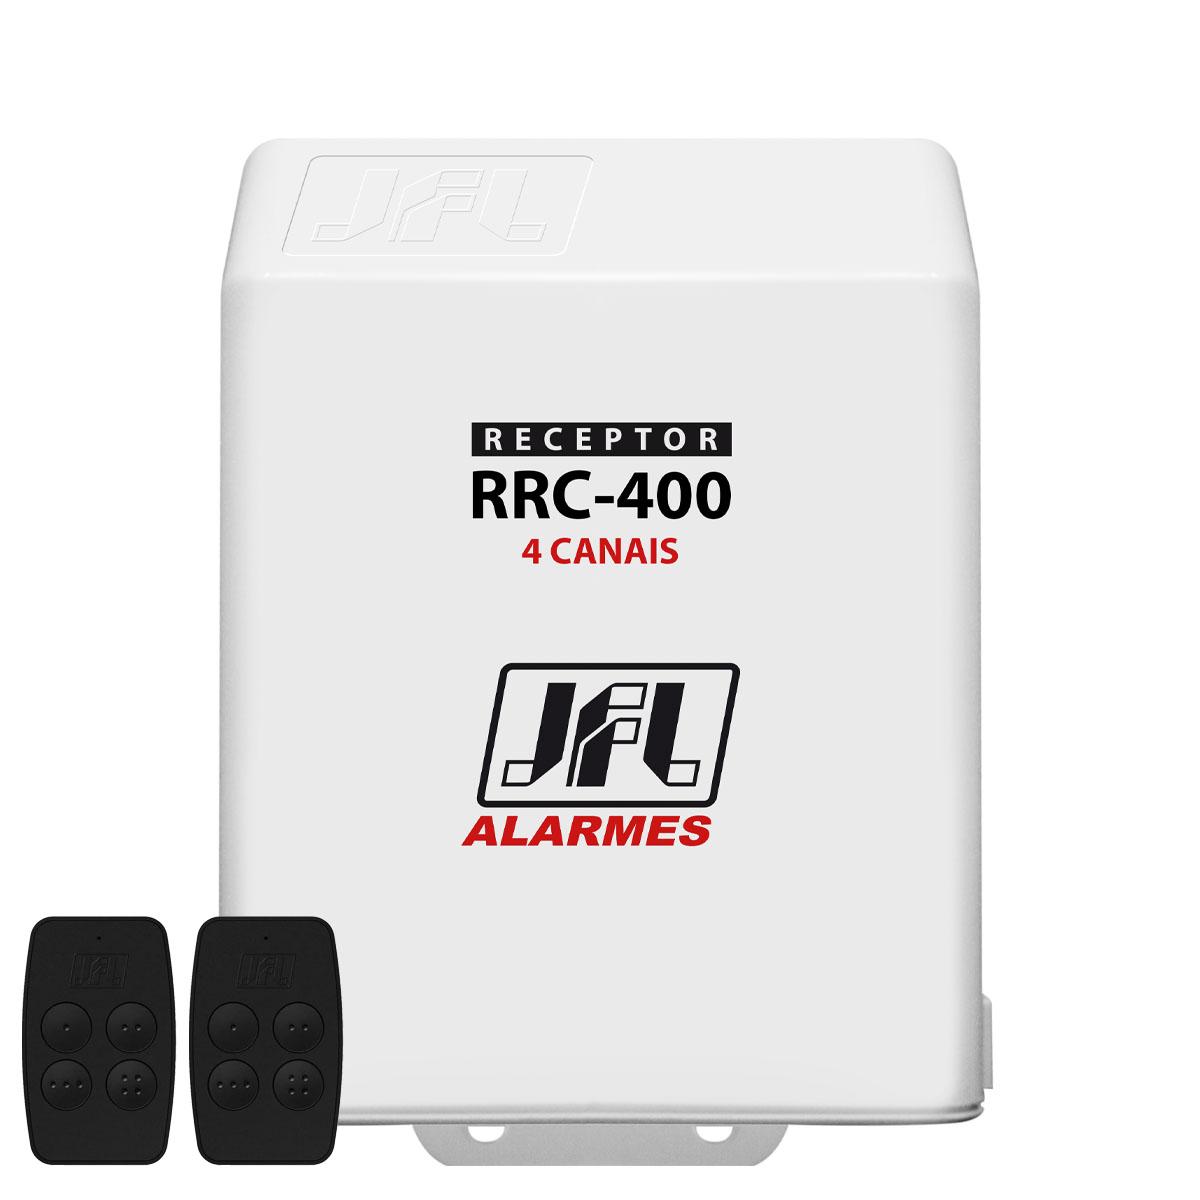 Kit Receptor Multifuncional Rrc 400 Jfl 4 Canais Com Controle Remoto